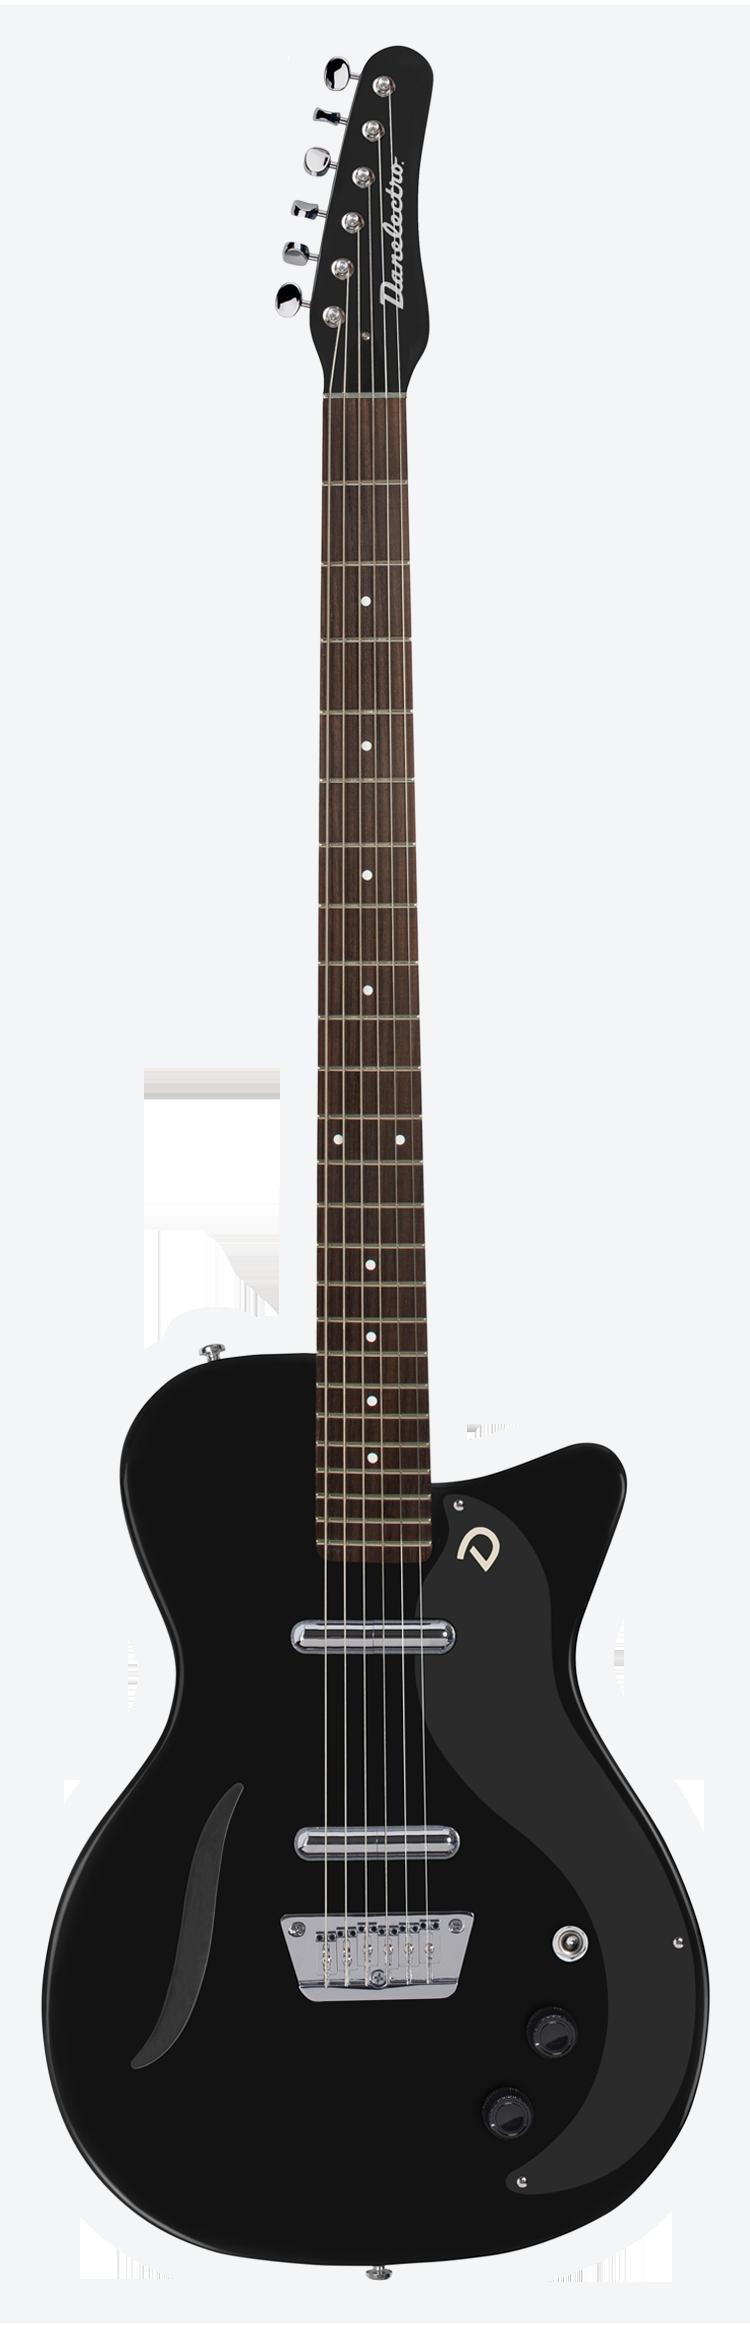 Danelectro VIntage Baritone (Black)